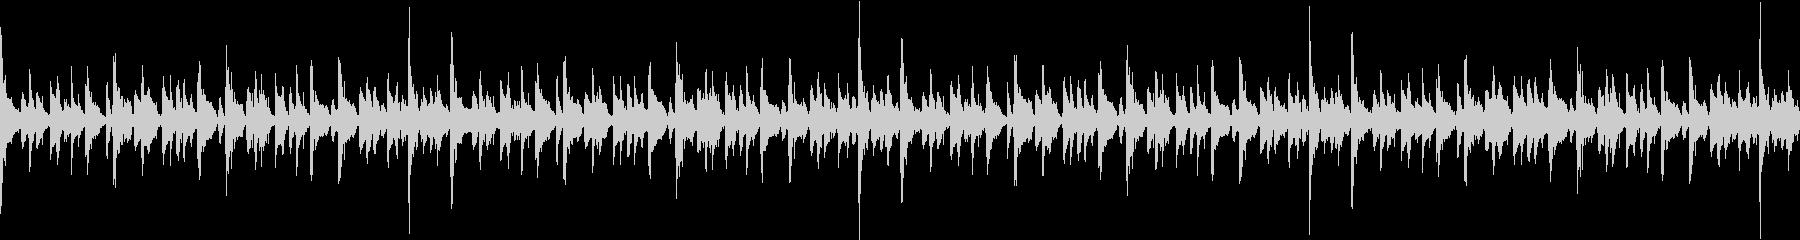 エレピソロで疾走感のある16ビートループの未再生の波形